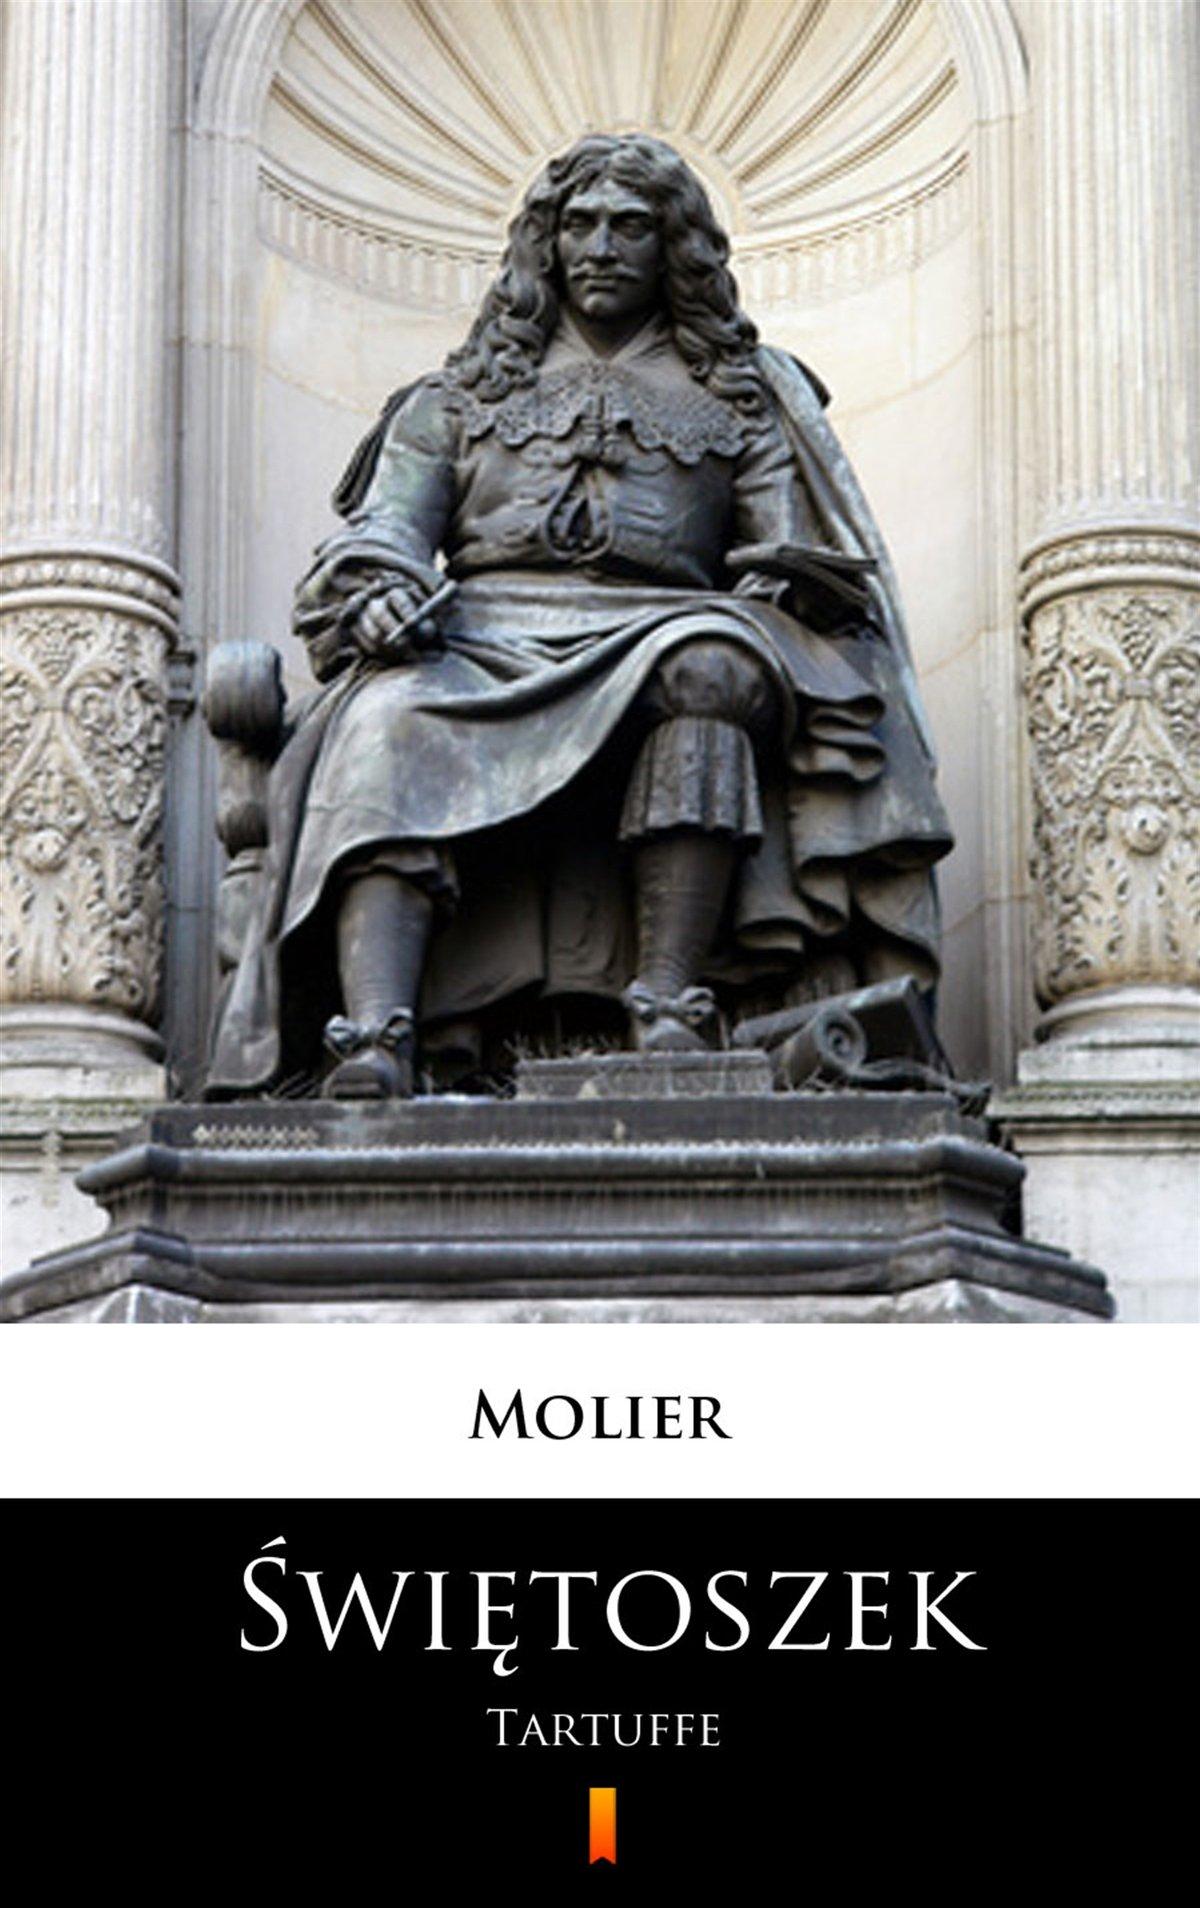 Świętoszek. Tartuffe - Ebook (Książka na Kindle) do pobrania w formacie MOBI